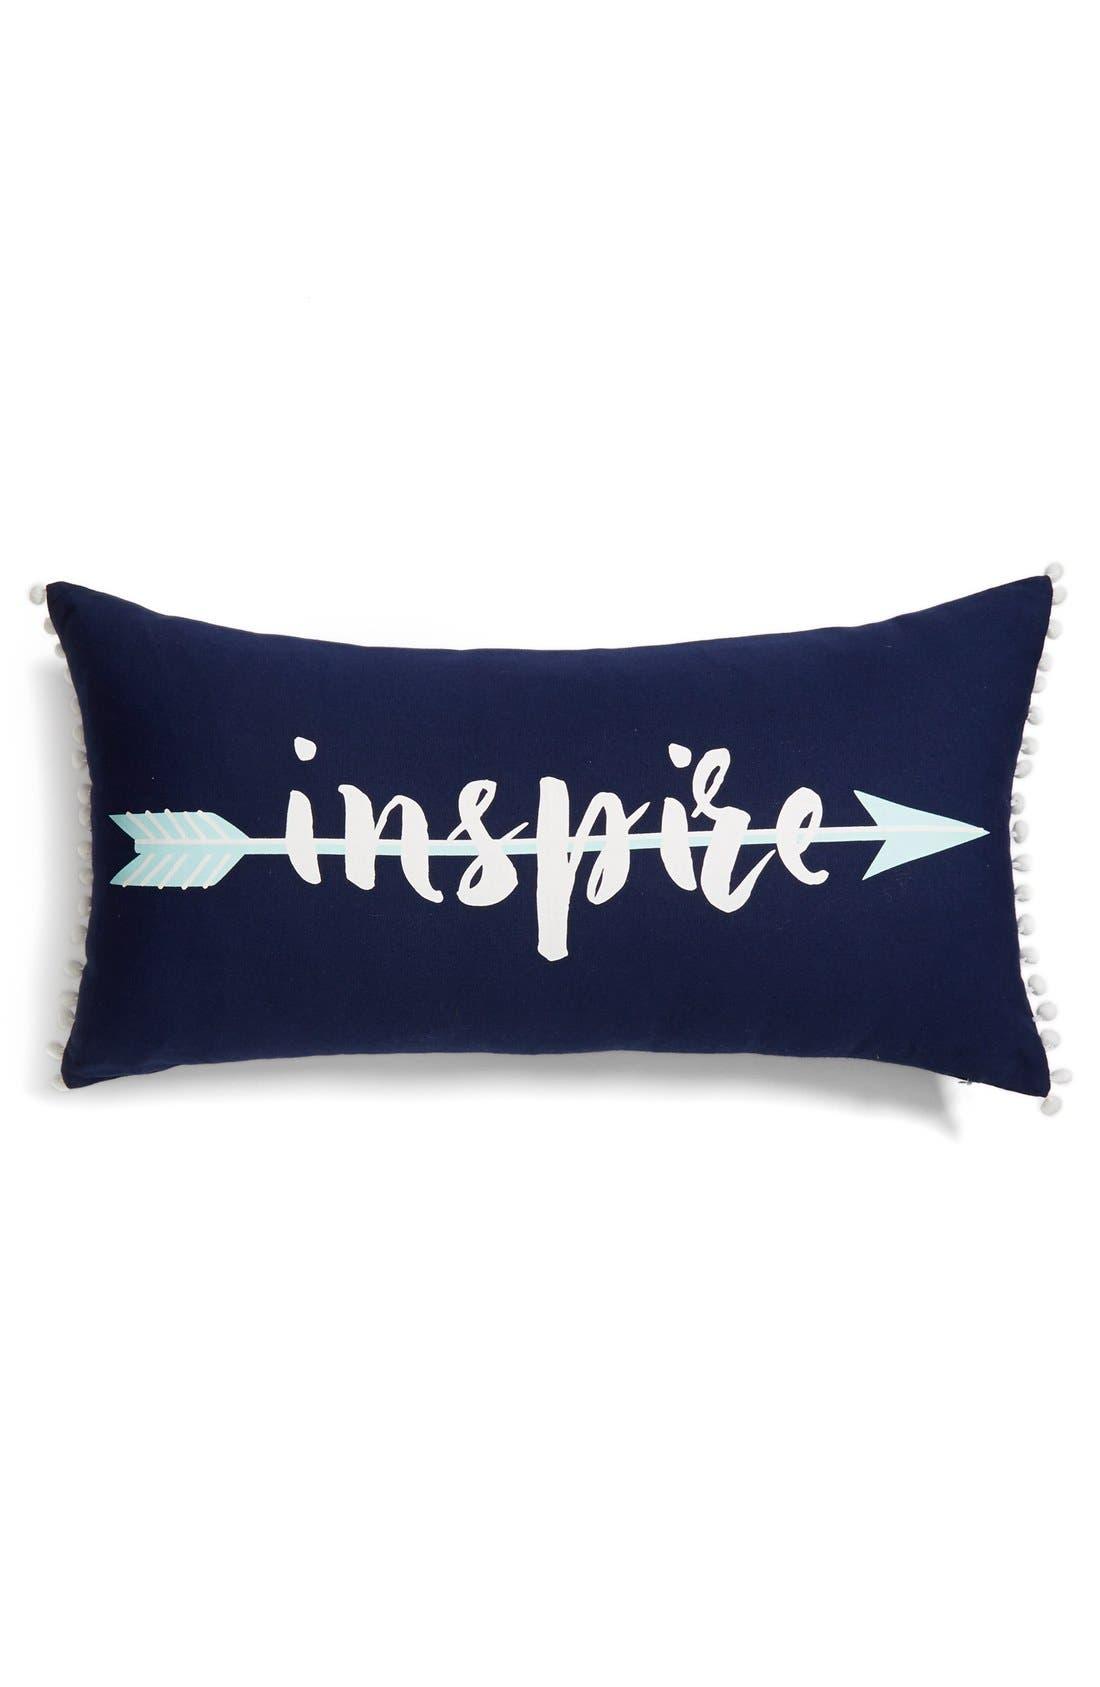 Alternate Image 1 Selected - Levtex 'Inspire' Pom Pom Pillow